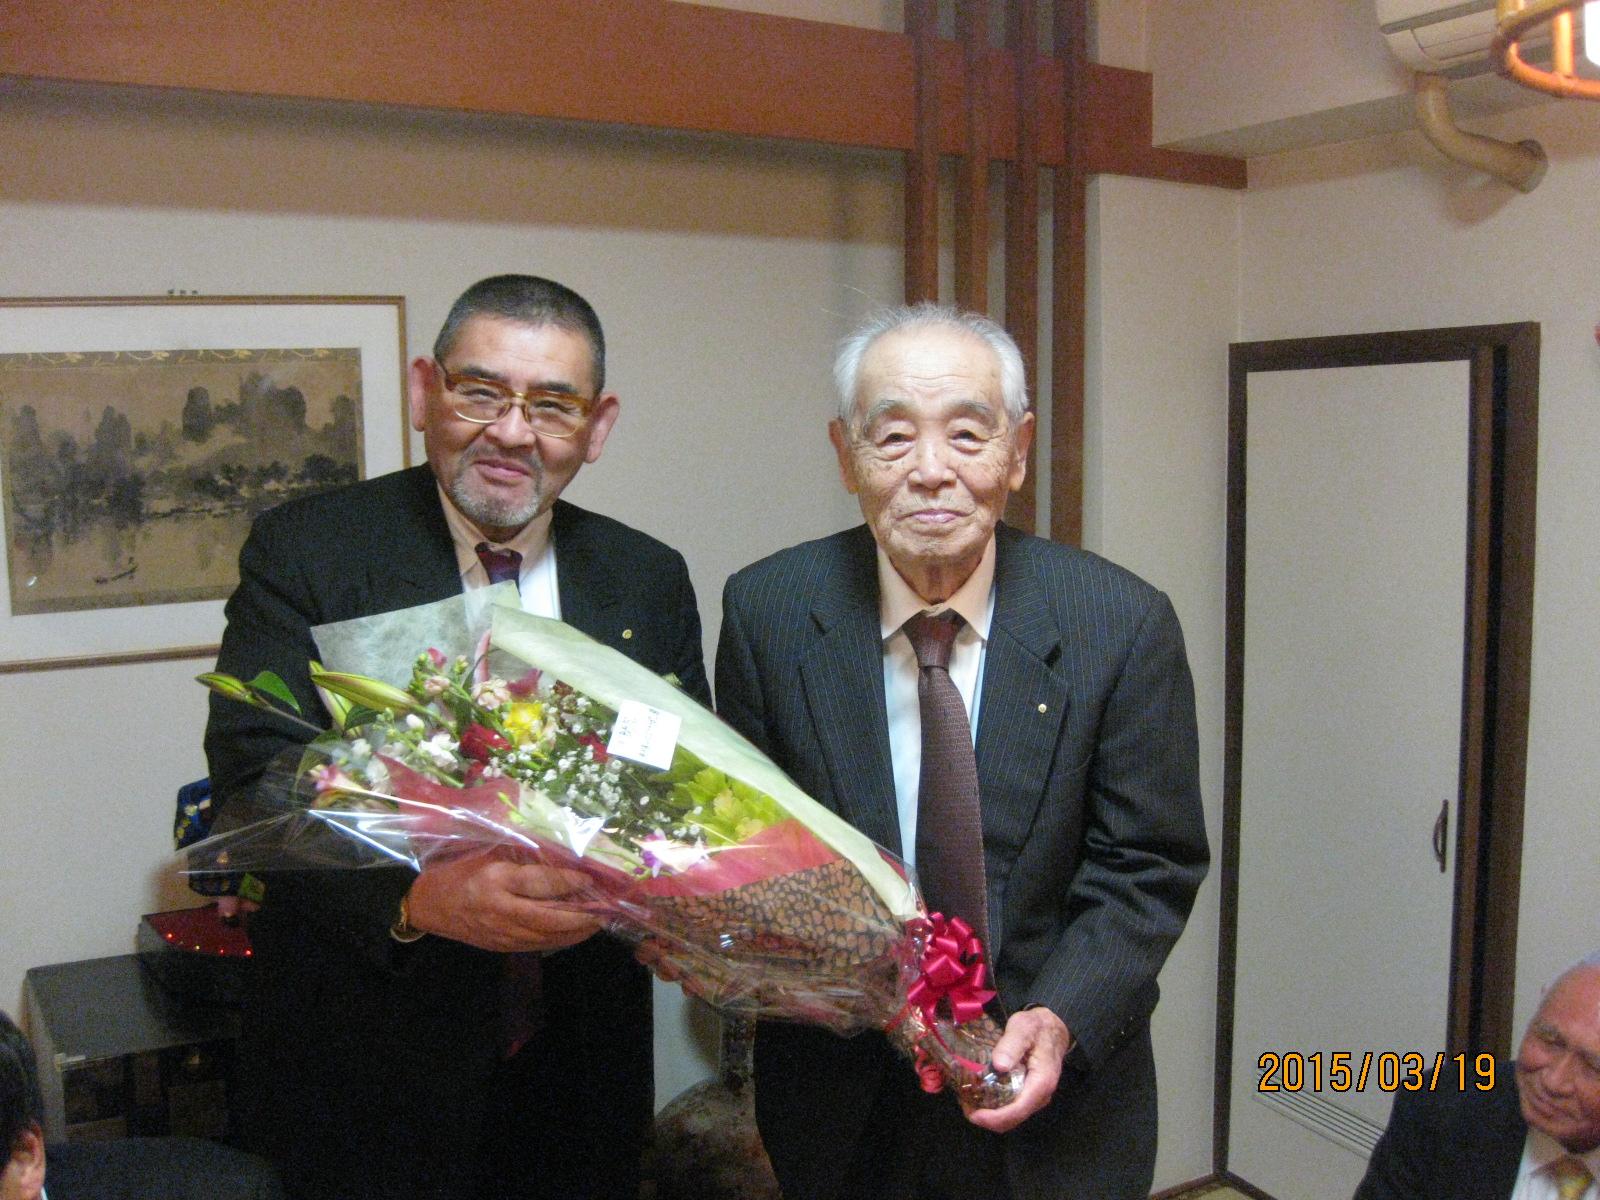 福岡博多東ライオンズクラブL國武統士の卒寿のお祝いをしました。